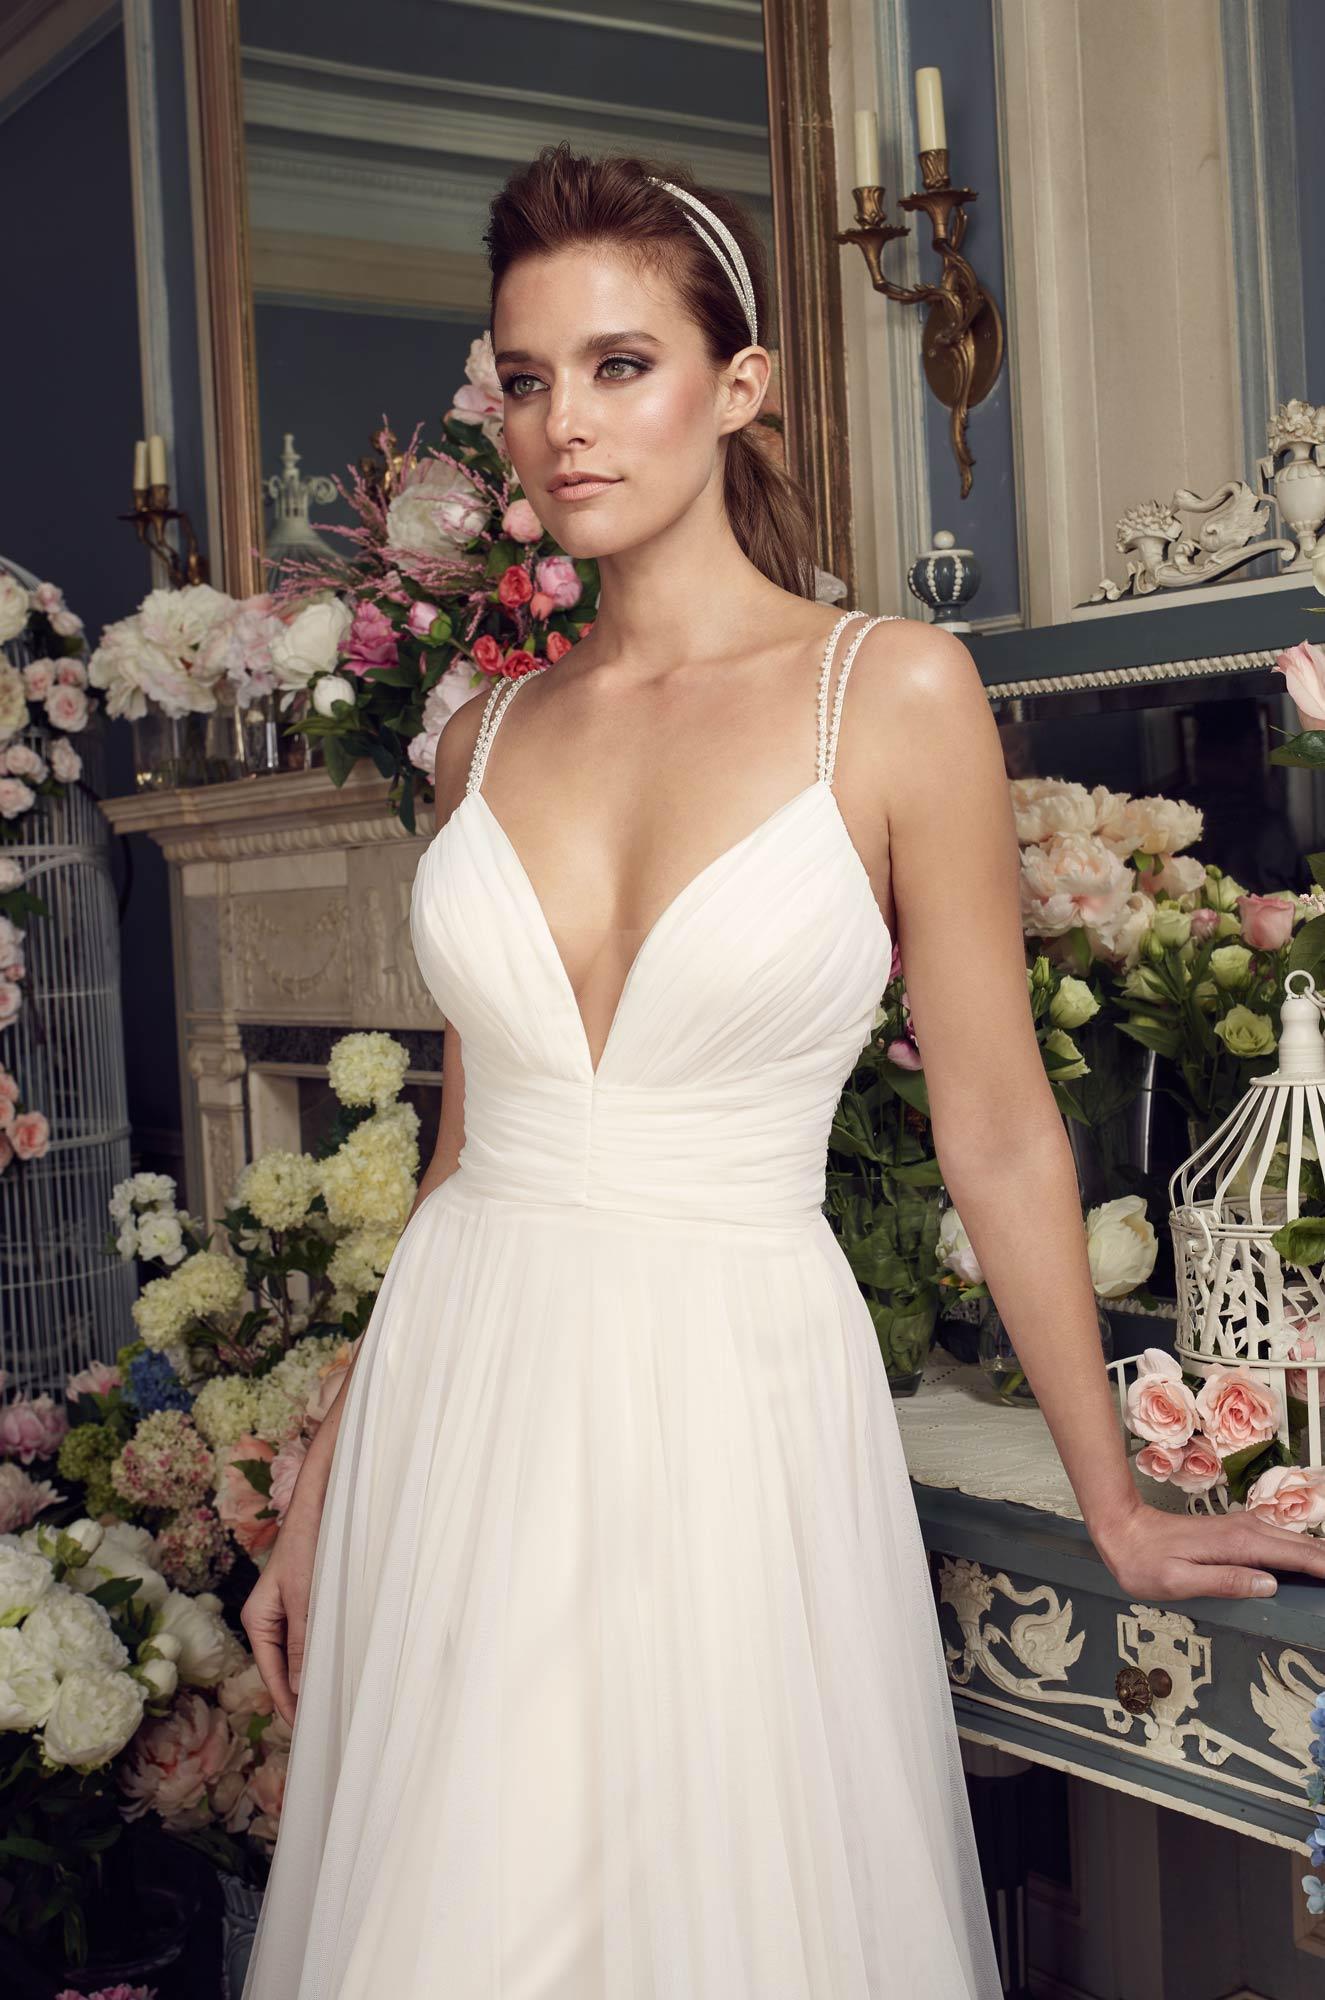 Gathered Tulle Wedding Dress – Style #2155